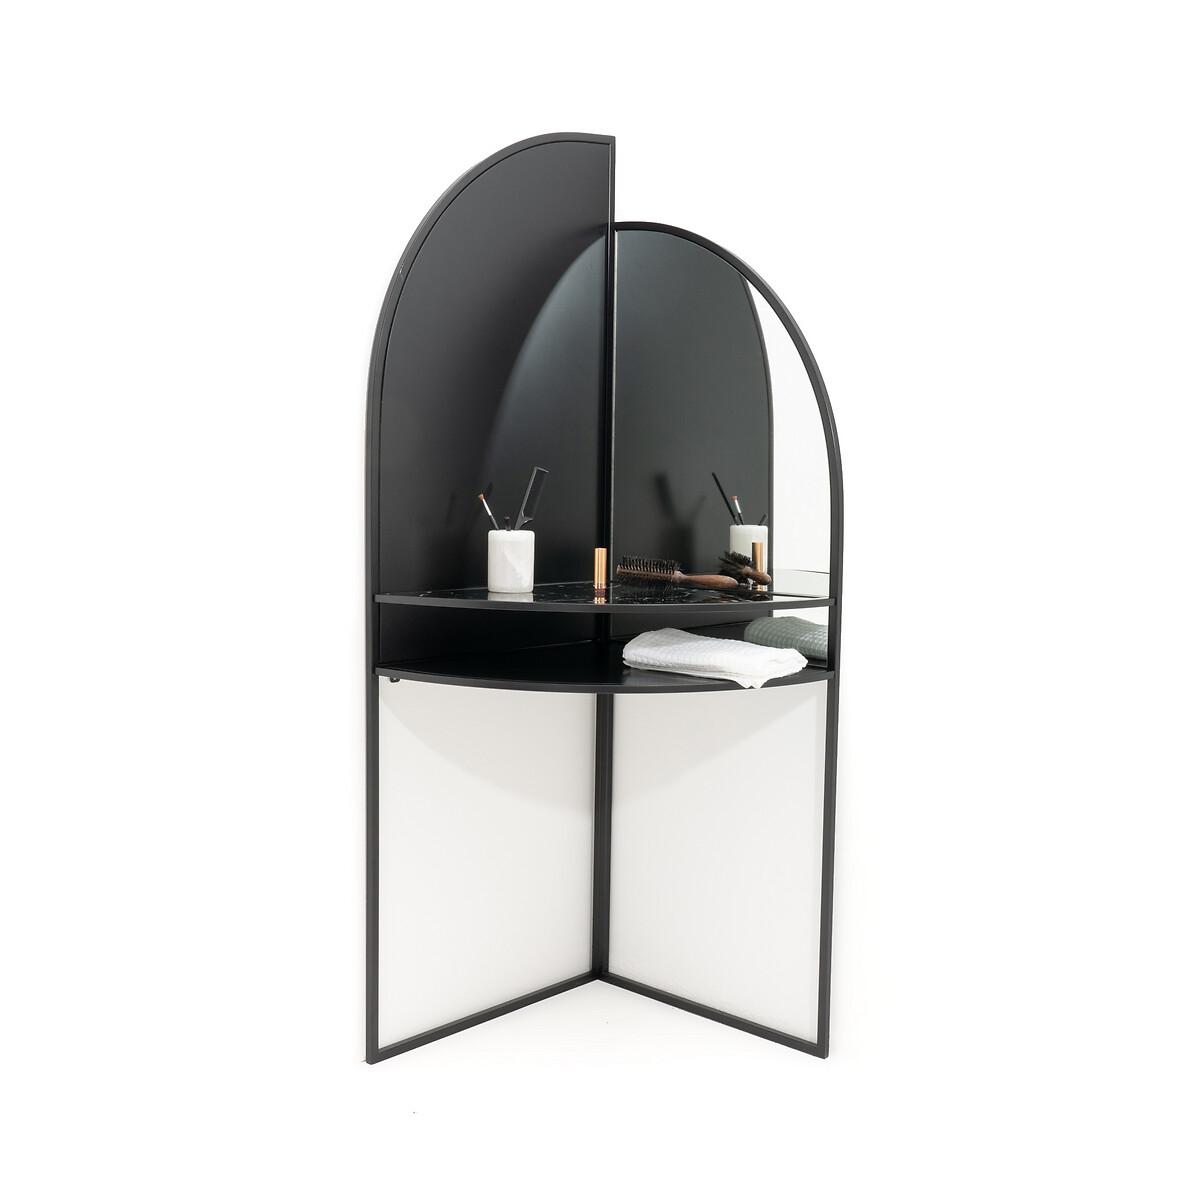 Стол LaRedoute Туалетный из металла и стекла Palazzo единый размер черный